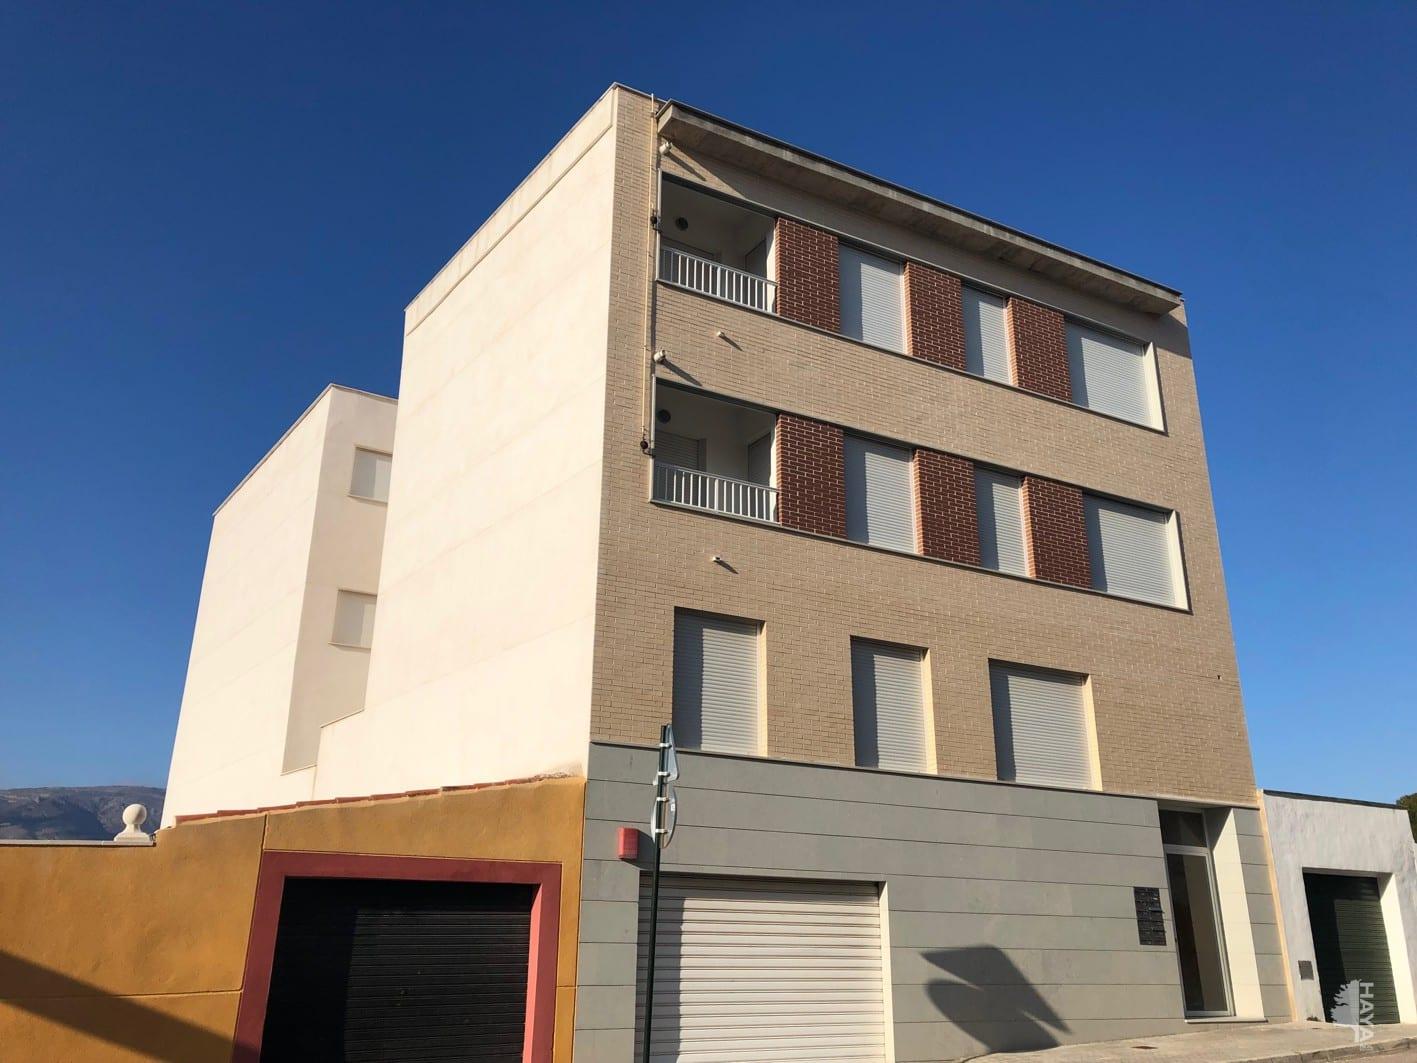 Piso en venta en Viaducte, Alcoy/alcoi, Alicante, Calle Sant Joan de Ribera, 81.000 €, 2 habitaciones, 1 baño, 66 m2